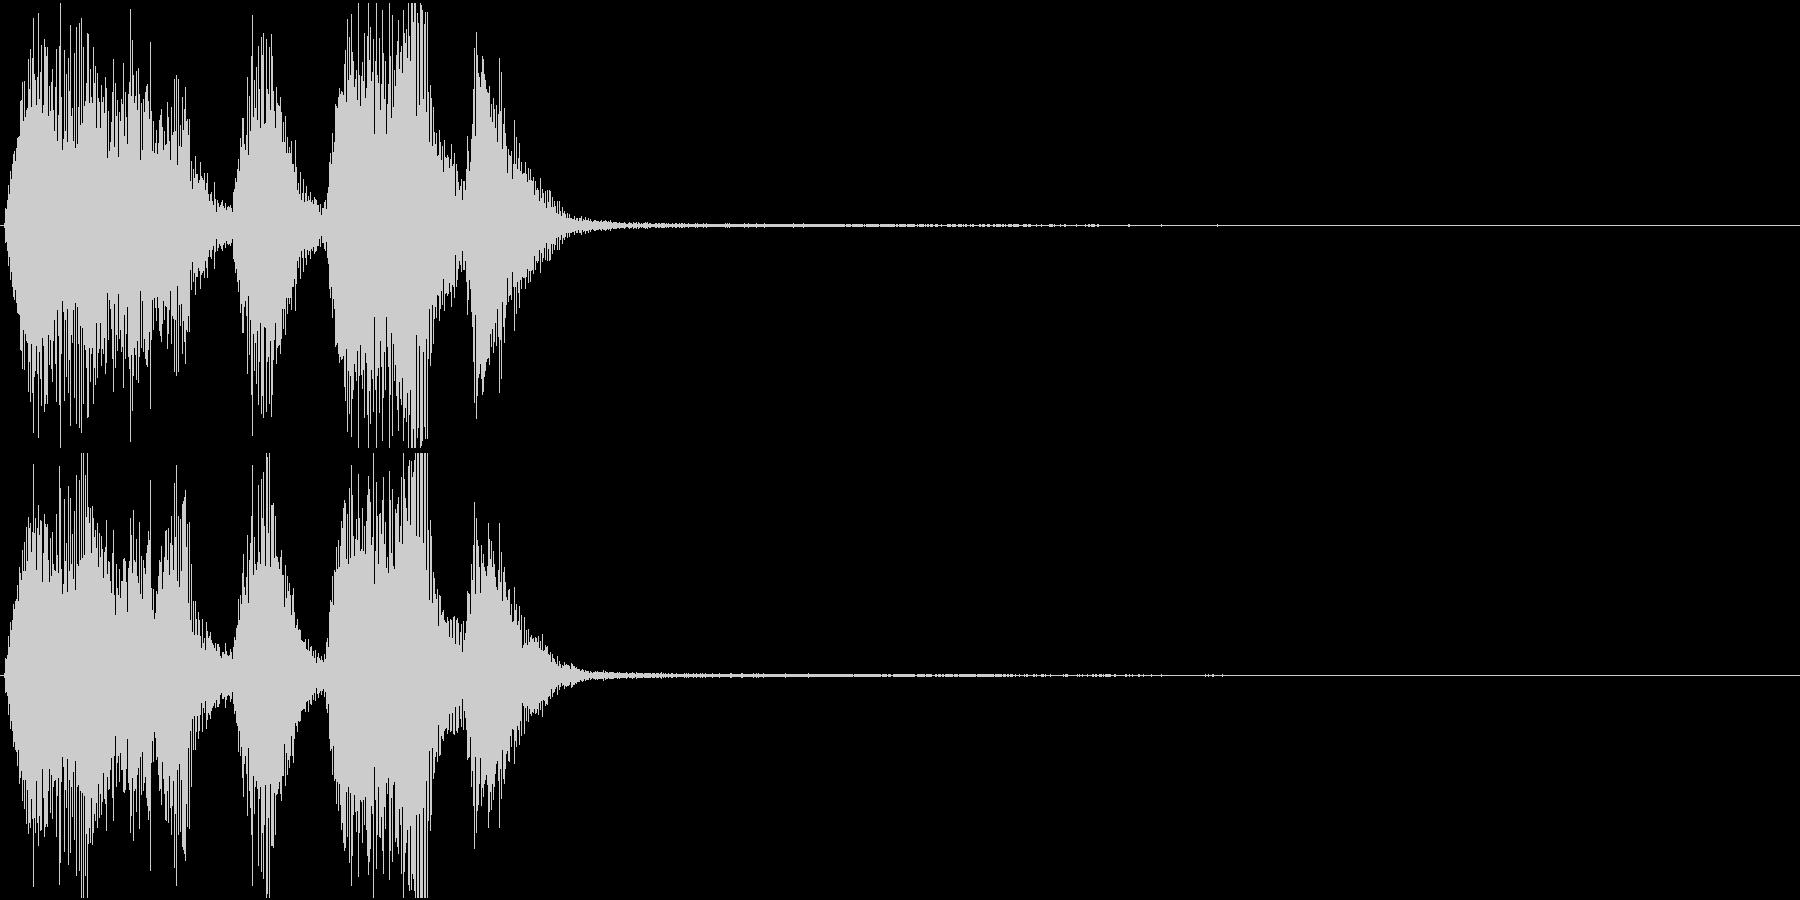 トランペット ファンファーレ 定番 18の未再生の波形